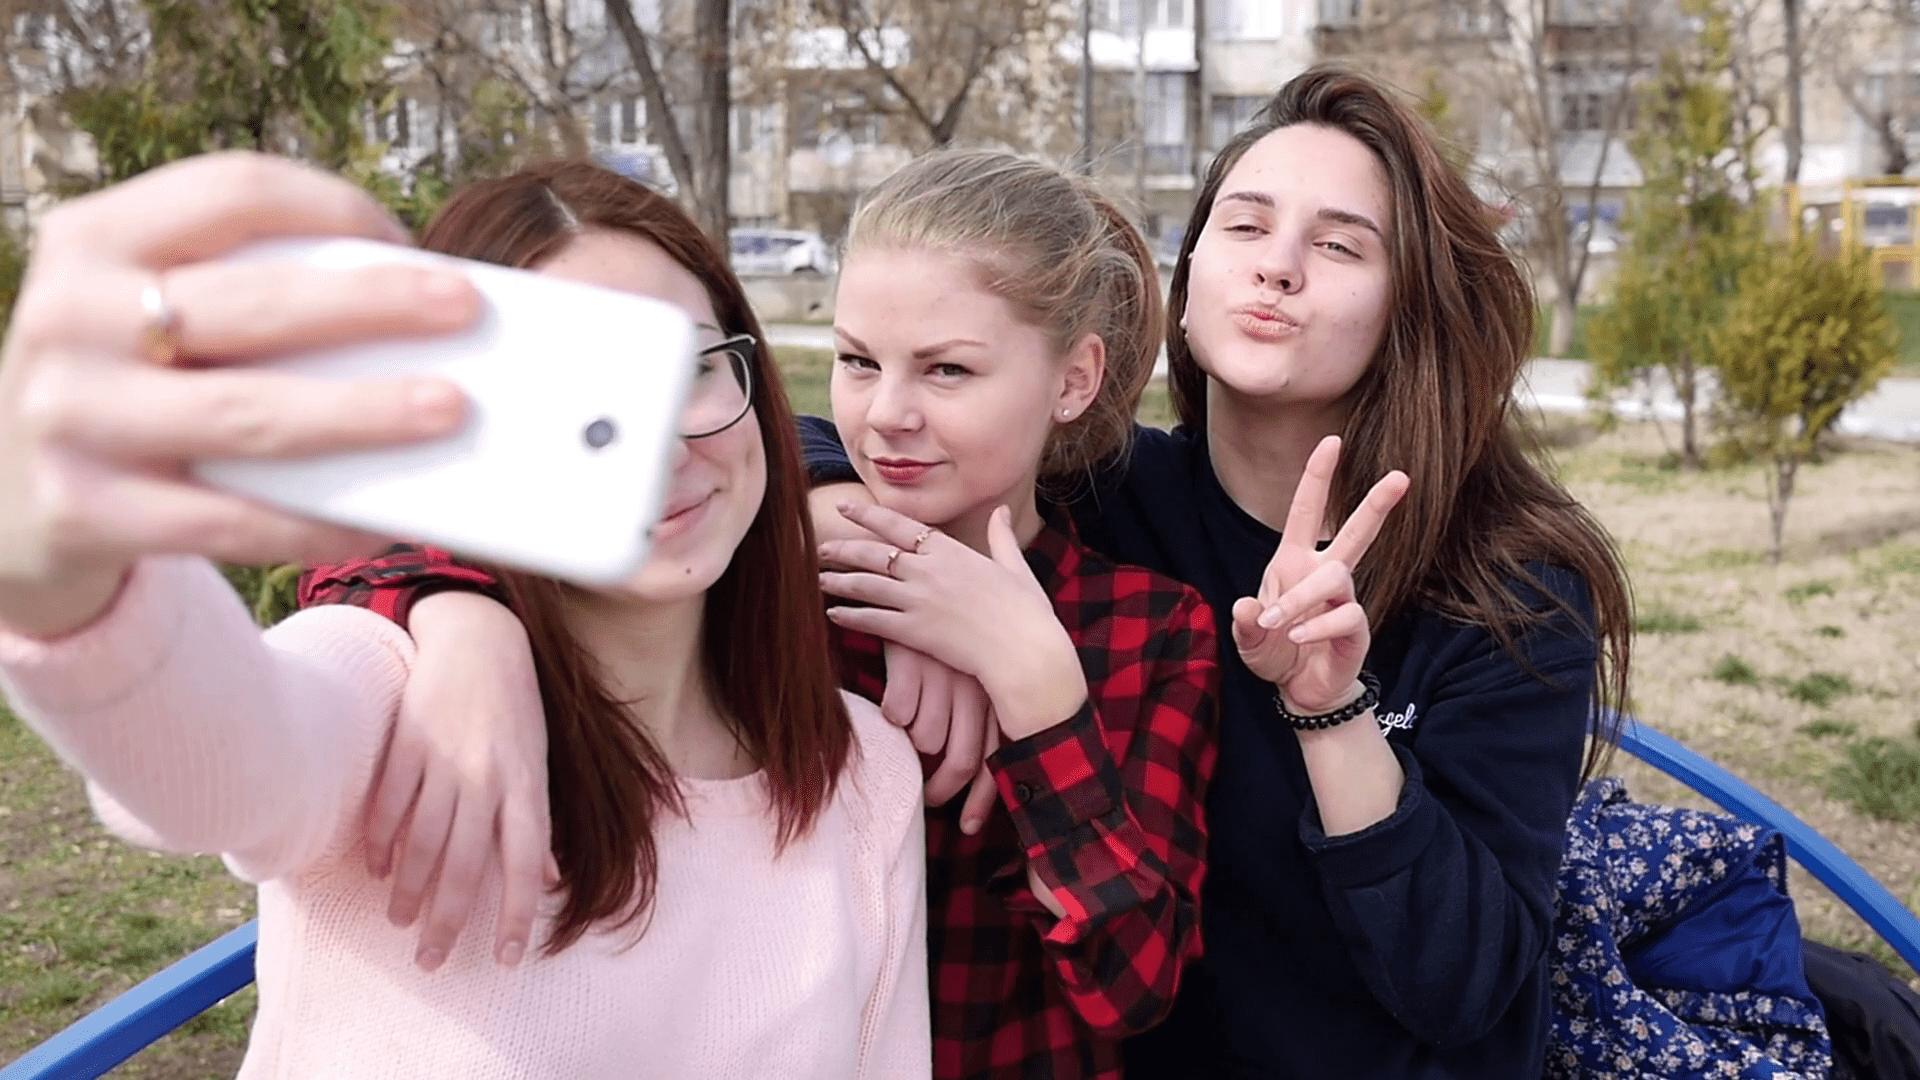 Legendas para fotos com amigas tumblr